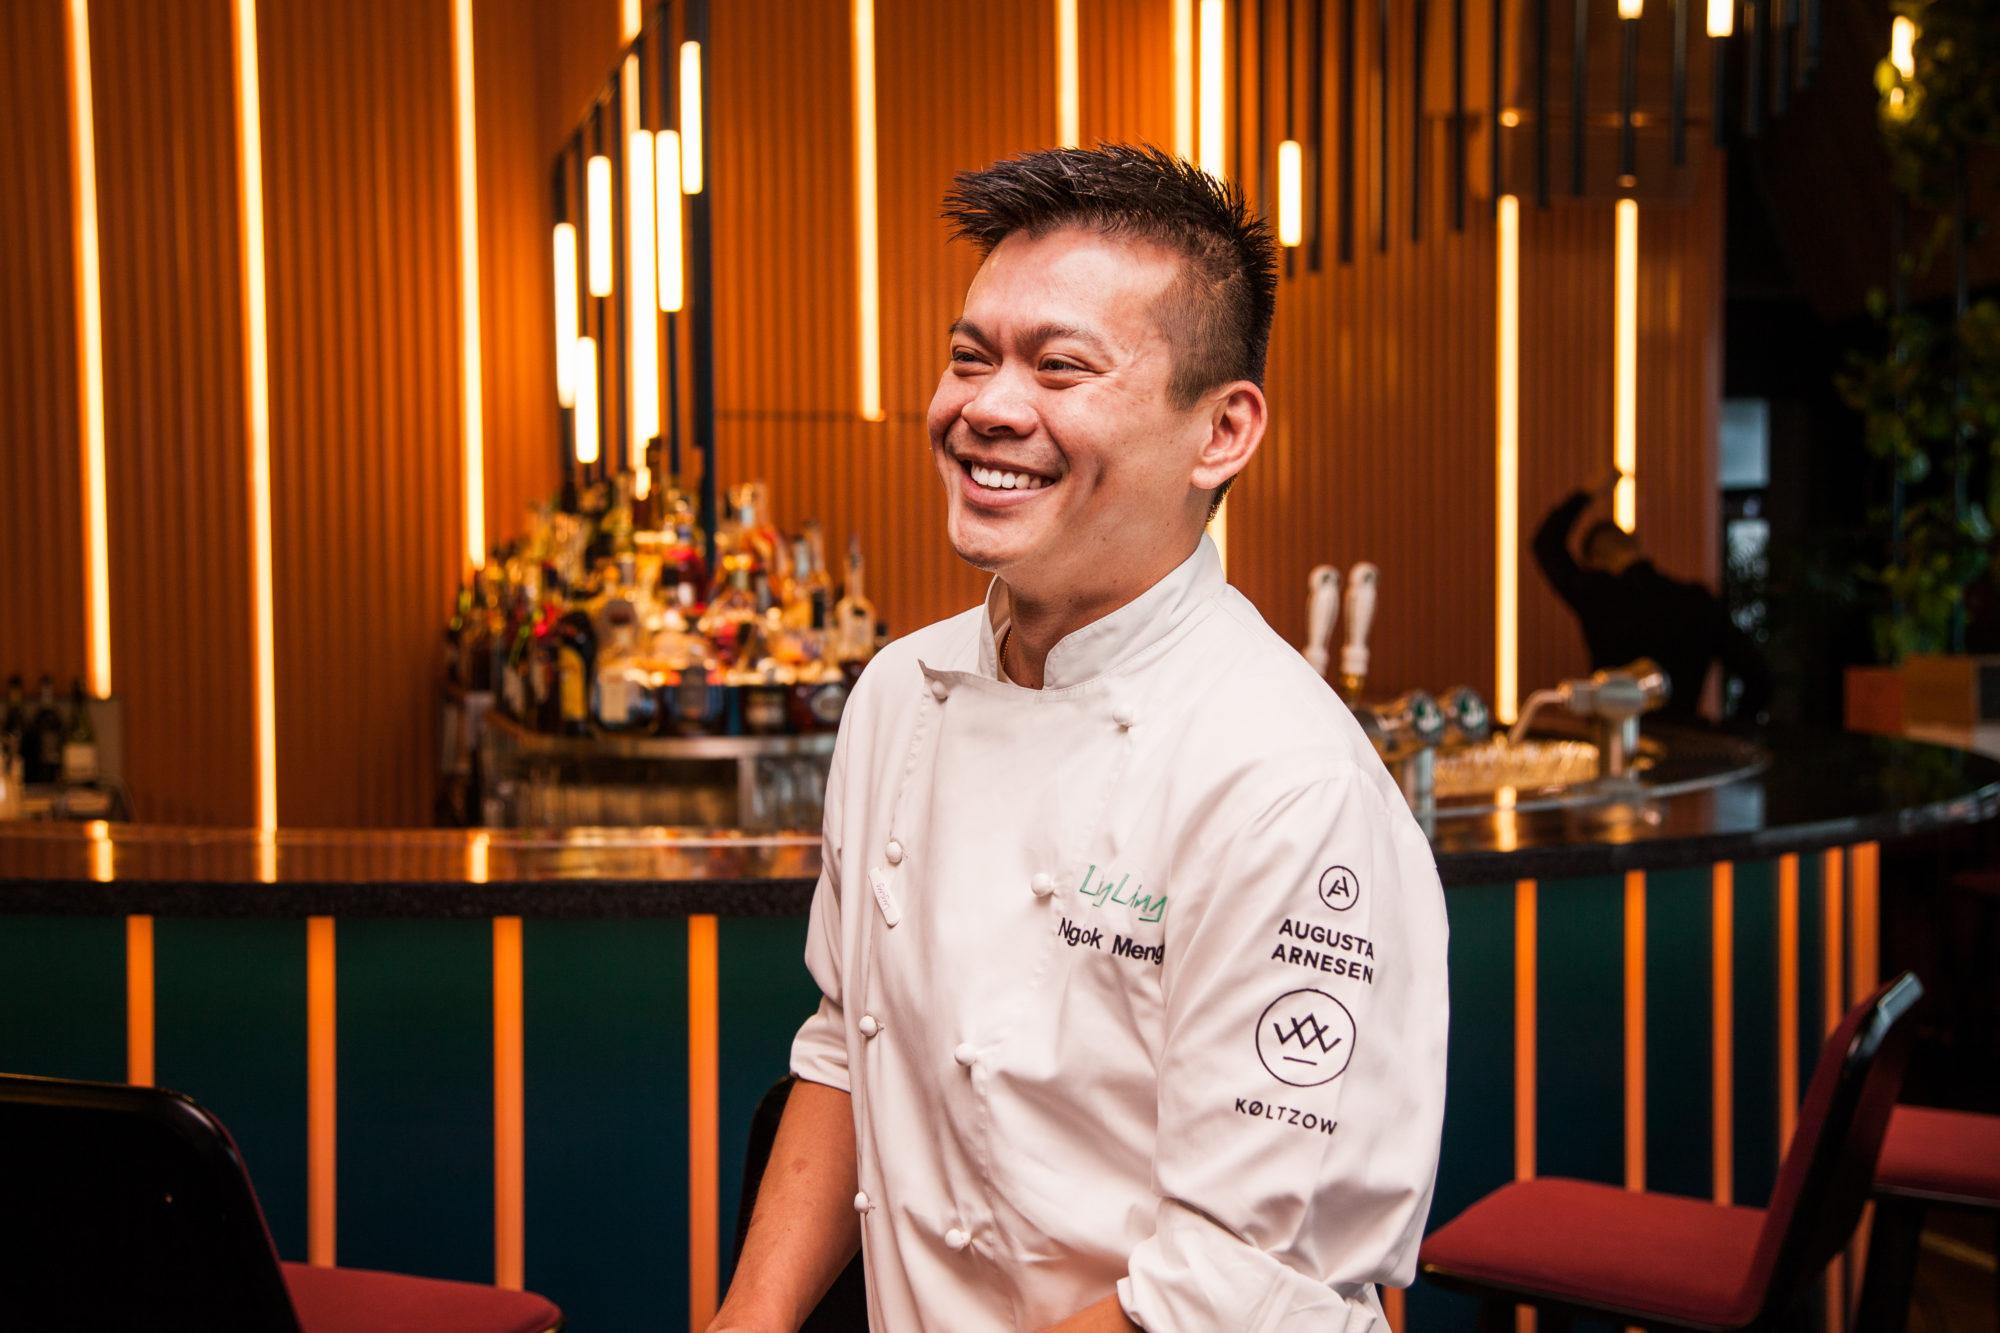 Chef Meng fra Singapore har over 20 års erfaring fra det kinesiske kjøkkenet.  Credits: Npro